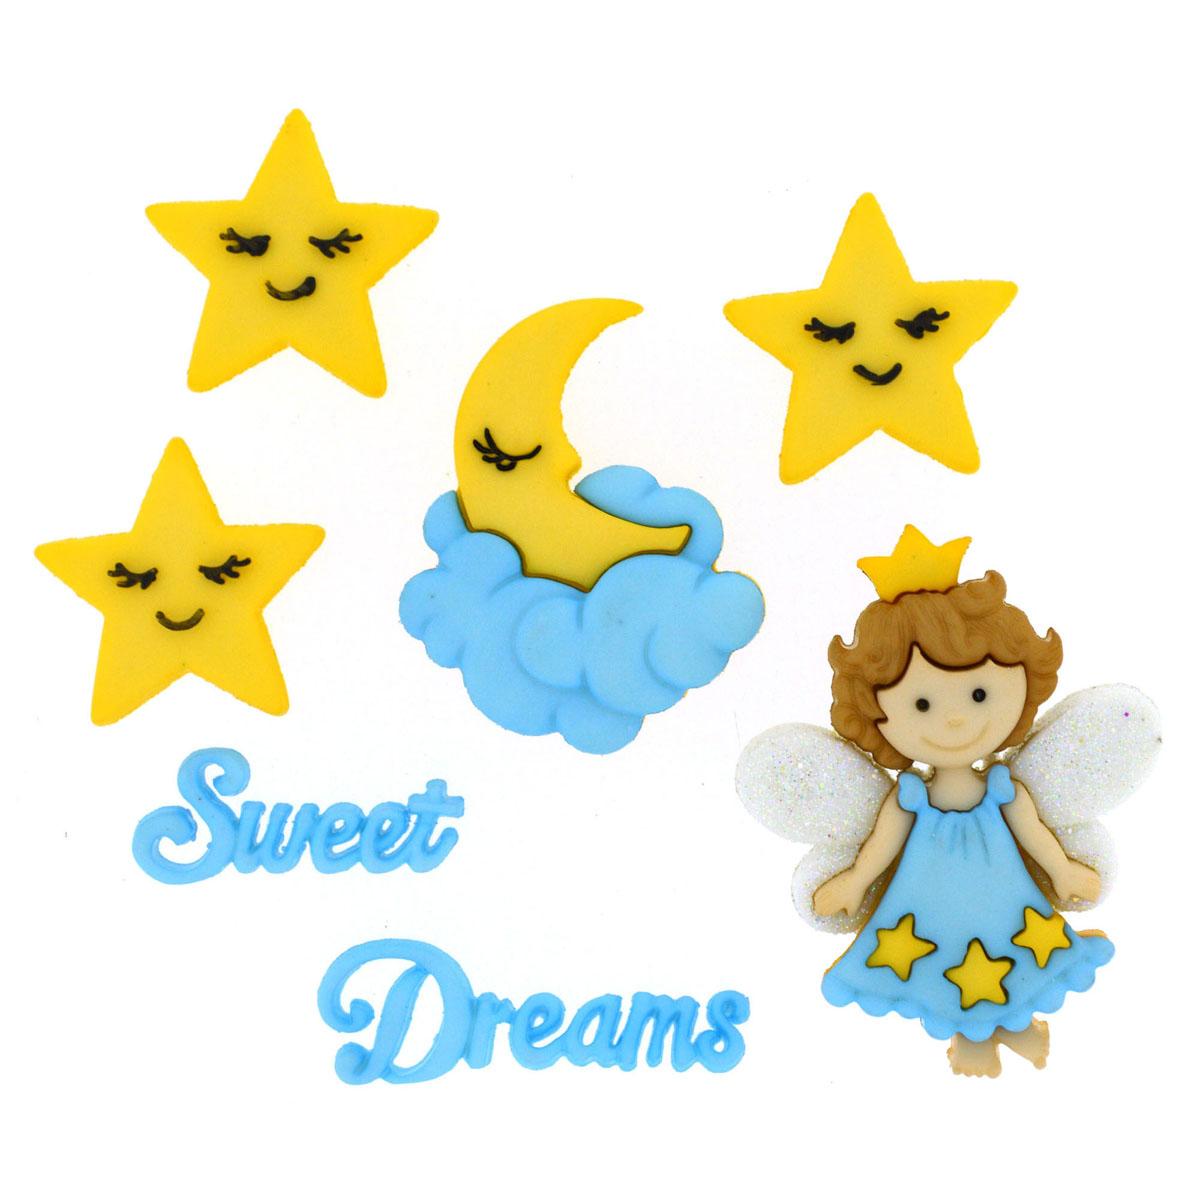 Пуговицы декоративные Dress It Up Сладких снов, 7 шт7713464Набор Dress It Up Сладких снов состоит из 7 декоративных пуговиц, выполненных из высококачественного пластика в виде надписей, ангела, звезд и облаков. Такие пуговицы подходят для любых видов творчества: скрапбукинга, декорирования, шитья, изготовления кукол, а также для оформления одежды. С их помощью вы сможете украсить открытку, фотографию, альбом, подарок и другие предметы ручной работы. Все пуговицы в наборе имеют оригинальный и яркий дизайн. Средний размер пуговиц: 3 см х 1,6 см х 0,5 см.